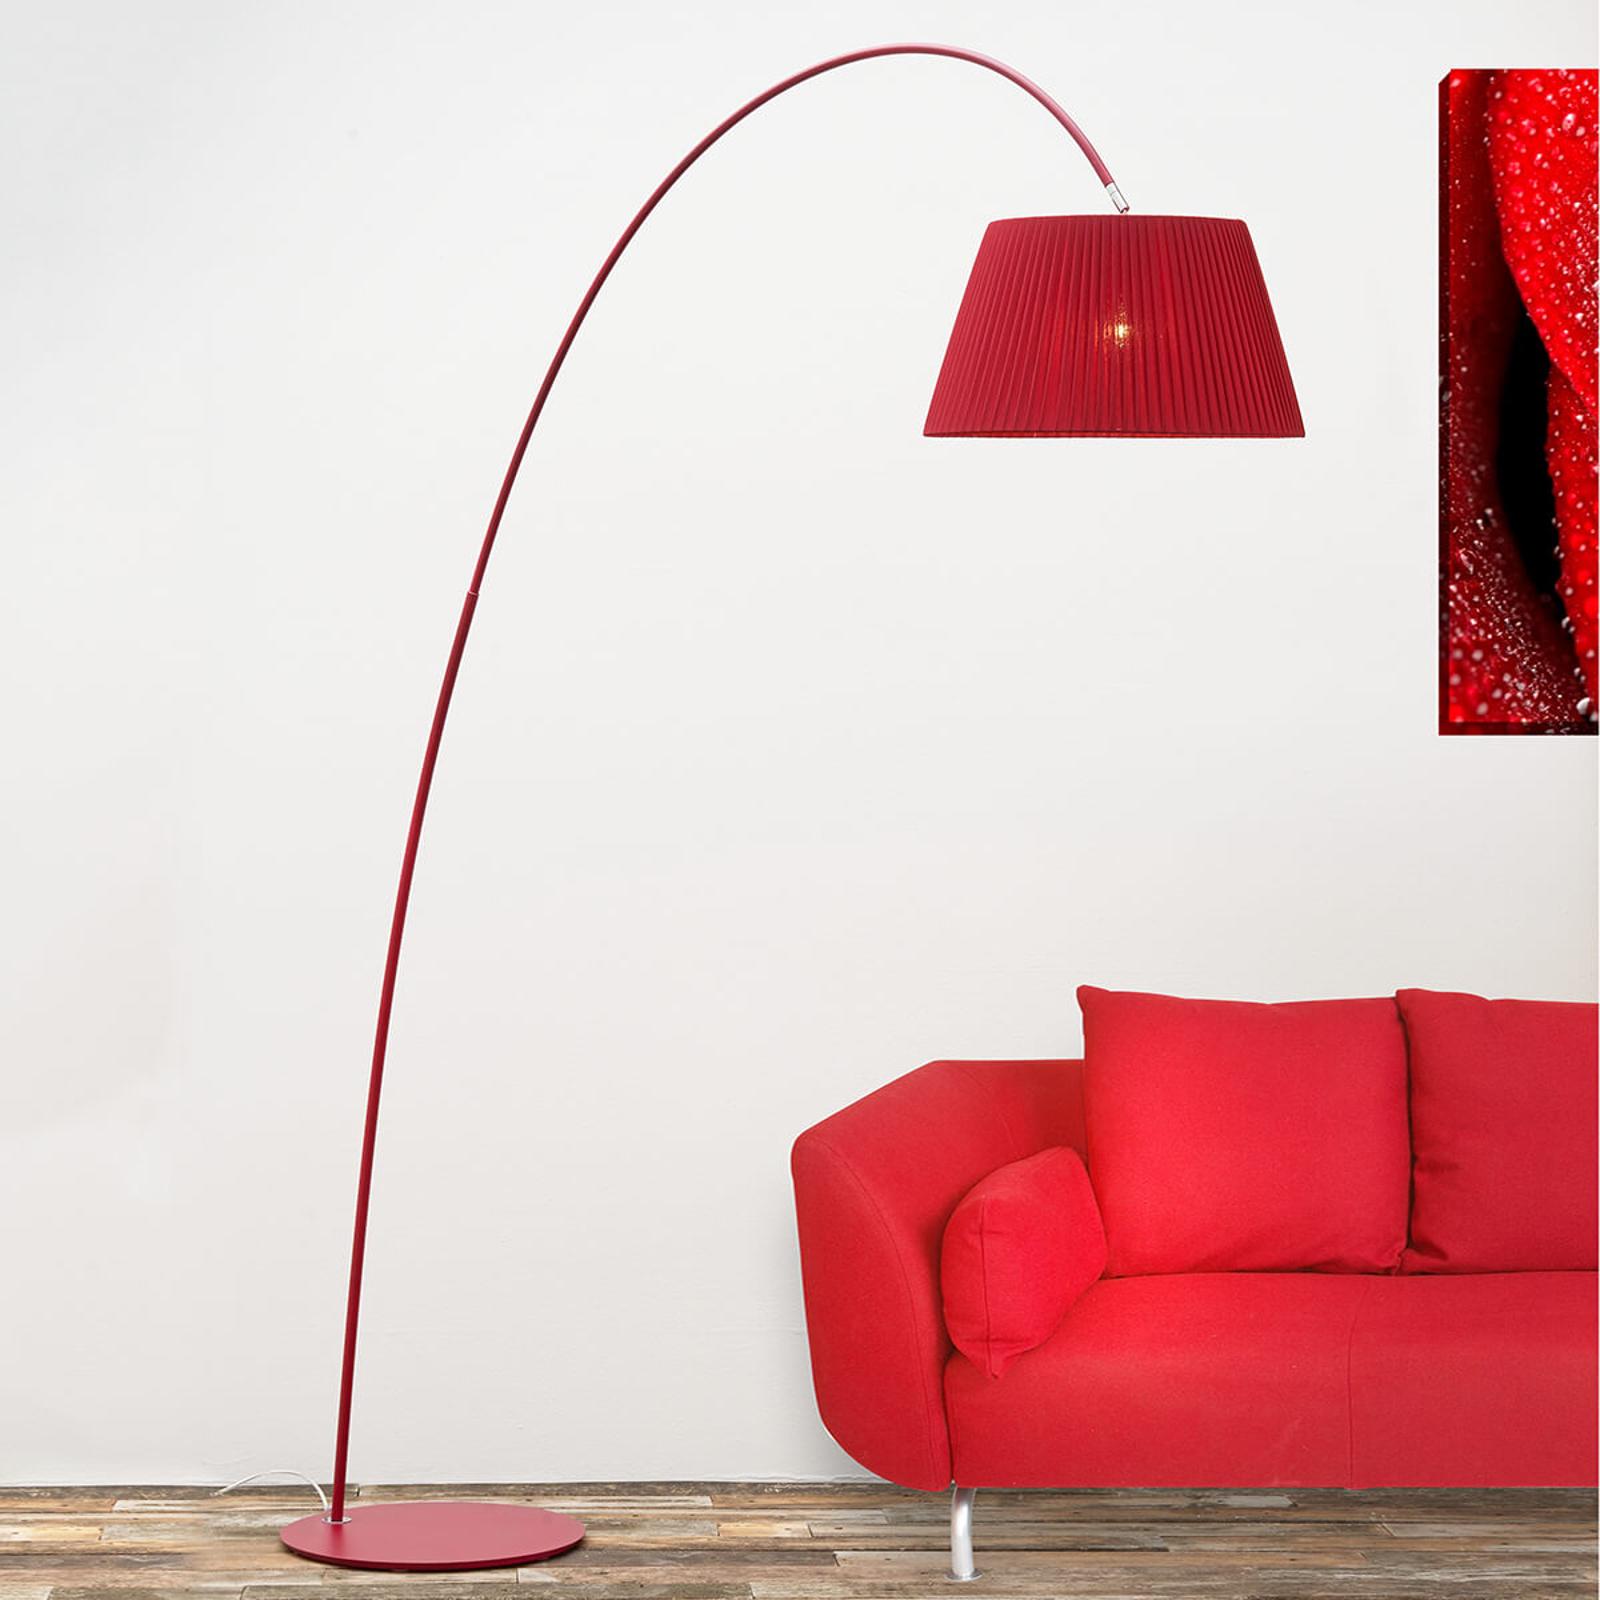 Łukowa lampa stojąca Marion w kolorze czerwonym